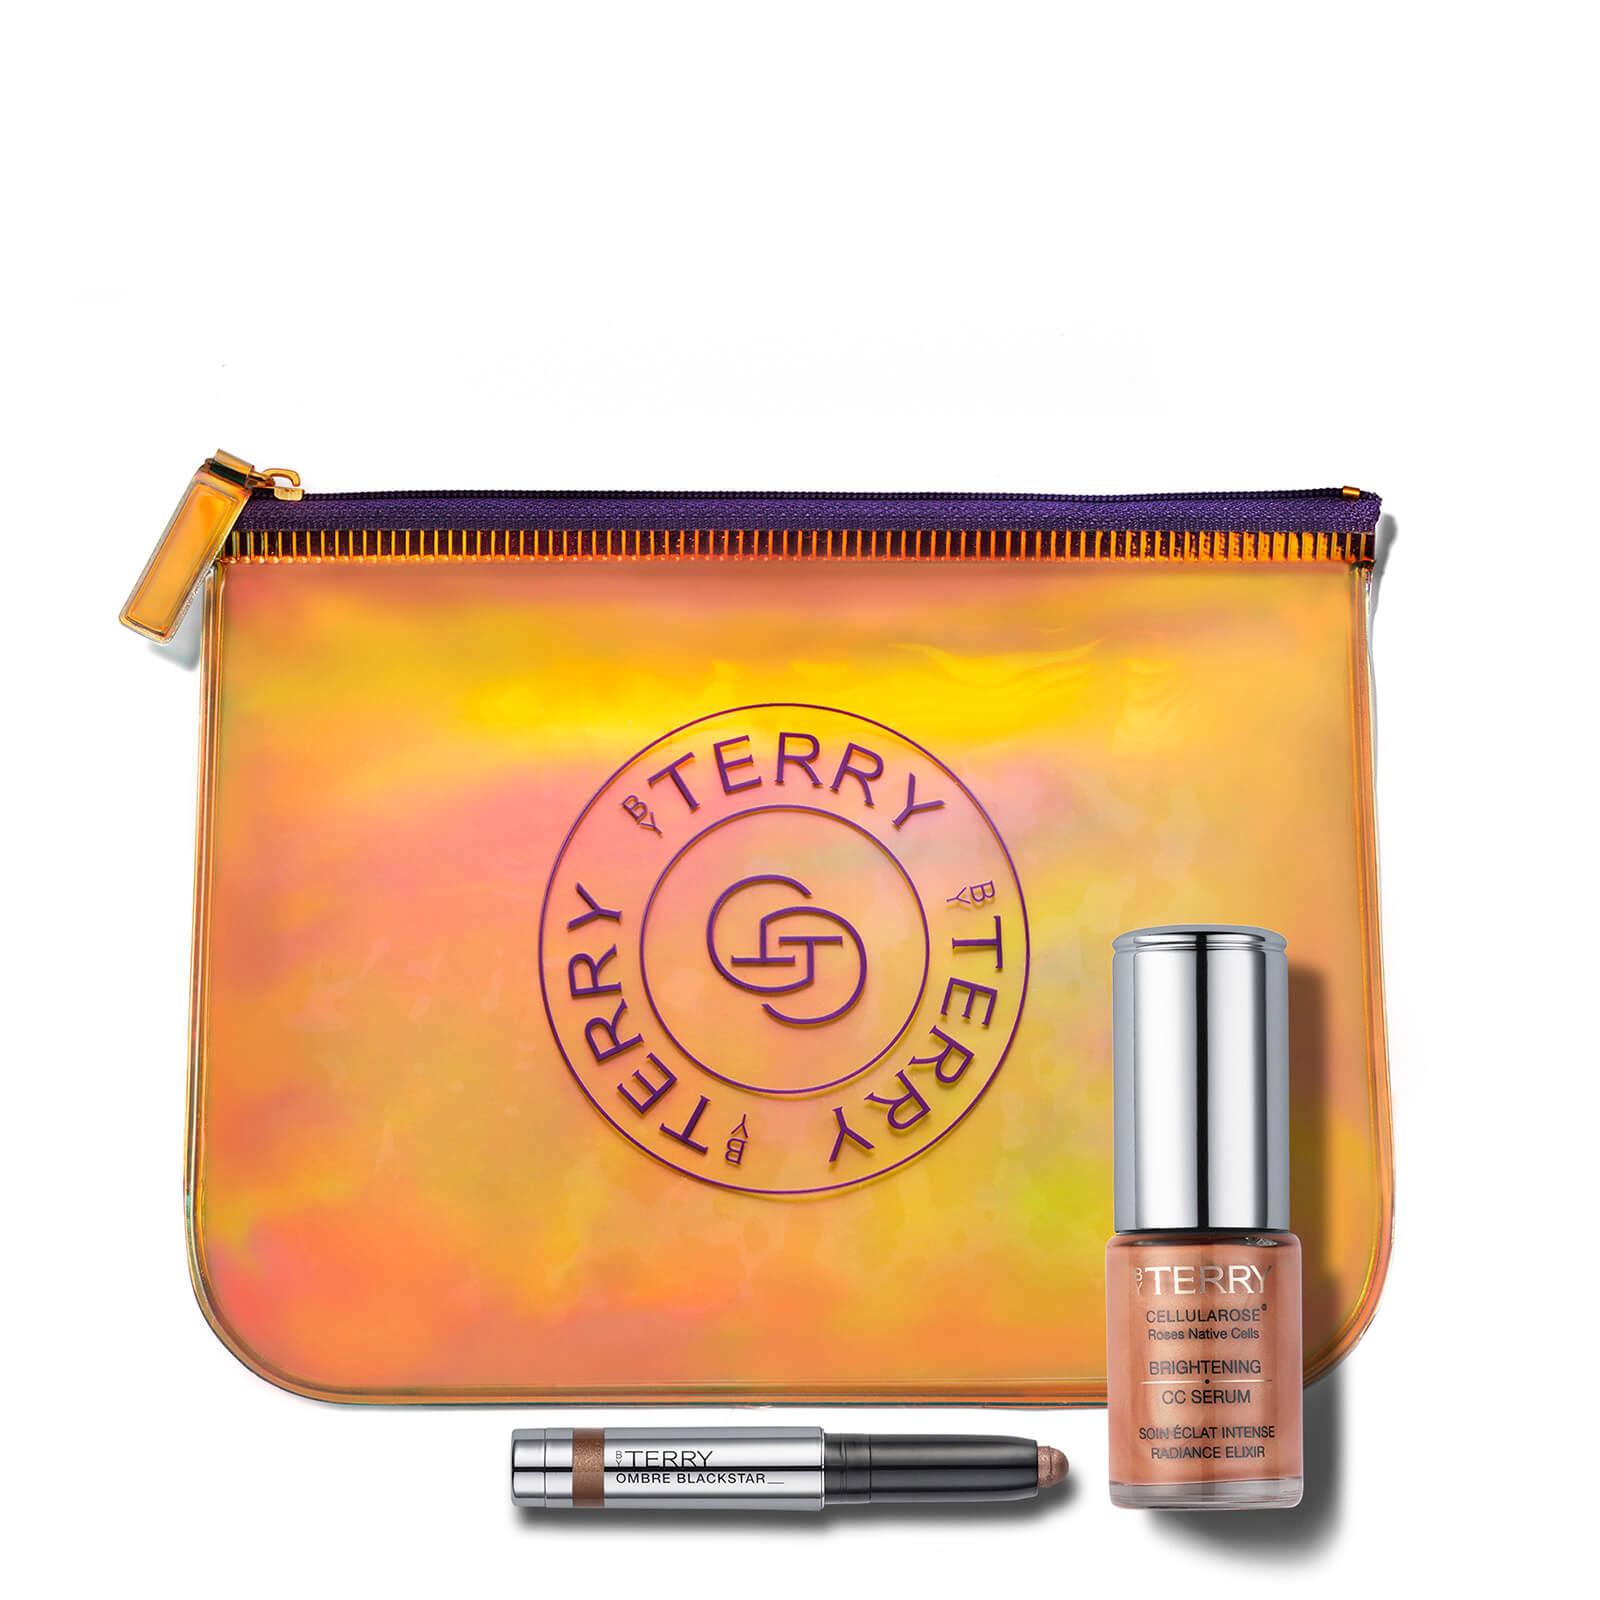 Купить Набор для макияжа By Terry My Mini Essentials Set (Стоимость £37.00)